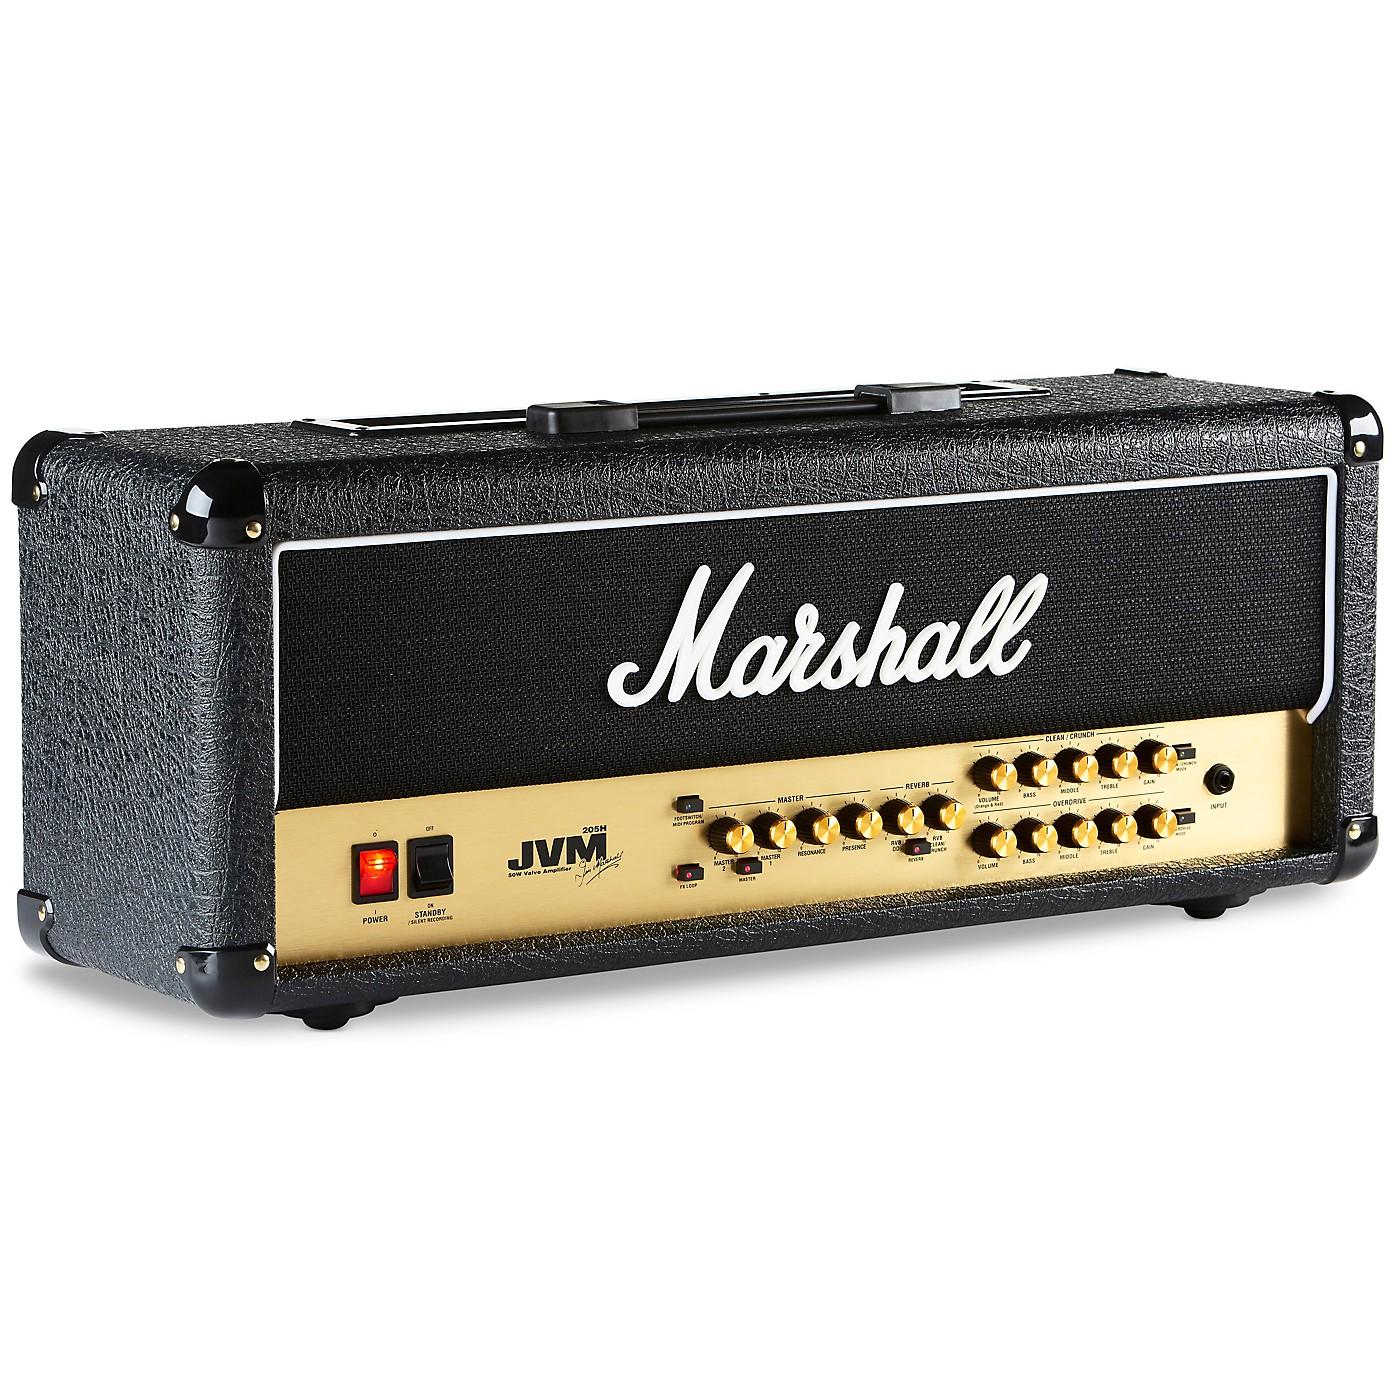 Marshall JVM Series JVM205H 50W Tube Guitar Amp Head thumbnail